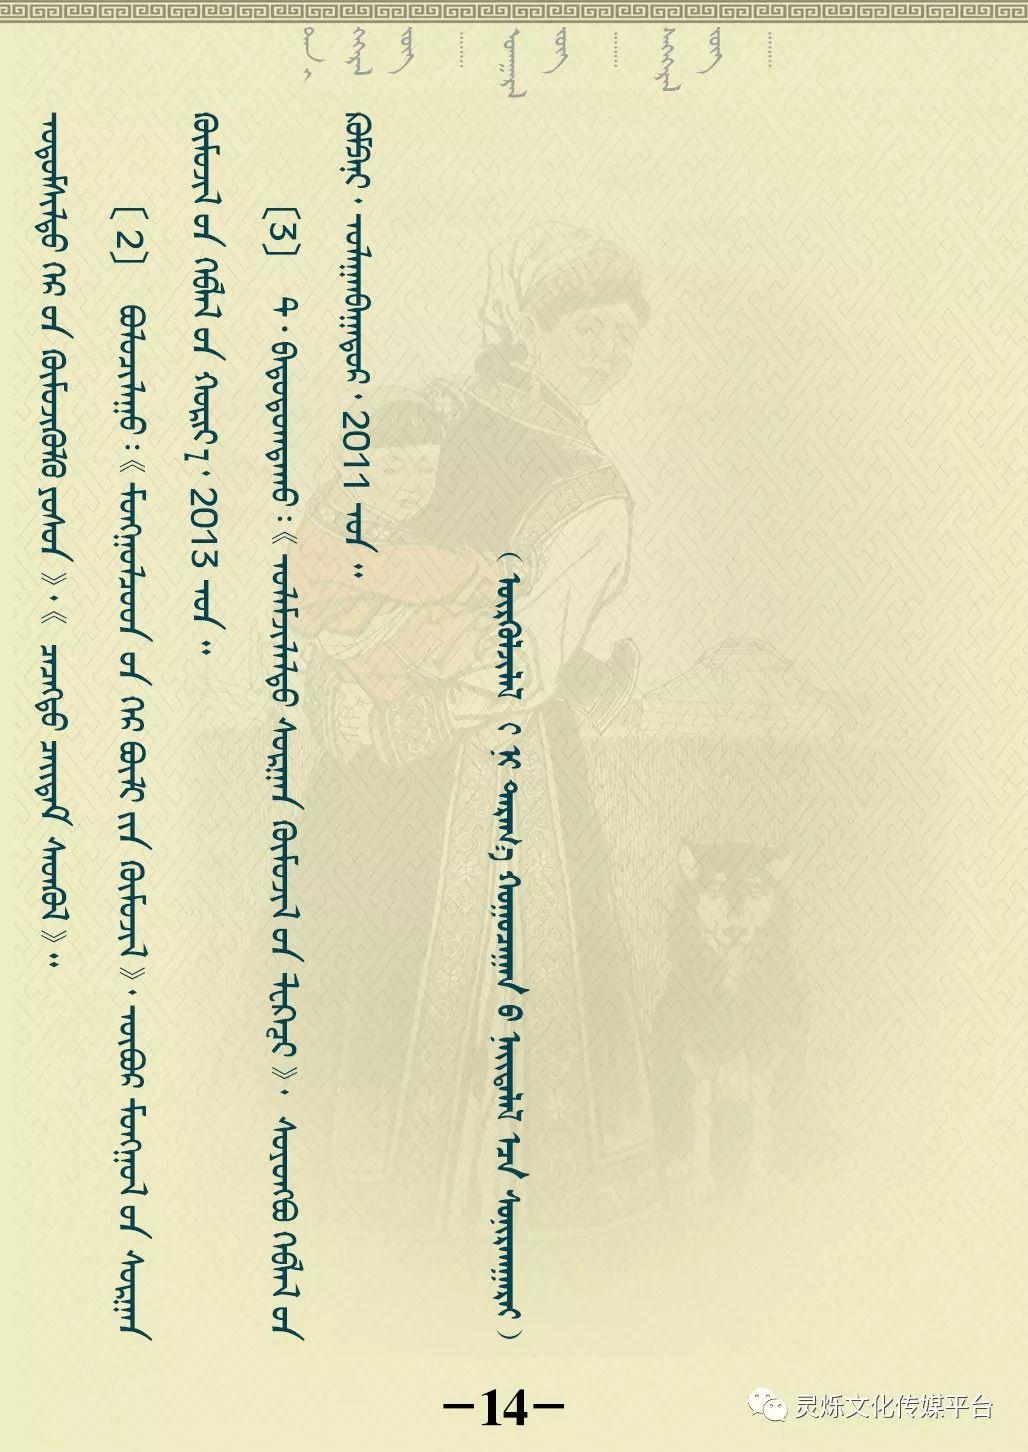 【蒙古民俗】 ᠮᠣᠩᠭᠣᠯ ᠤᠬᠠᠭᠠᠨ ᠬᠢᠭᠡᠳ ᠭᠡᠷᠤᠨ ᠰᠤᠷᠭᠠᠯ ᠬᠥᠮᠥᠵᠢᠯ 第14张 【蒙古民俗】 ᠮᠣᠩᠭᠣᠯ ᠤᠬᠠᠭᠠᠨ ᠬᠢᠭᠡᠳ ᠭᠡᠷᠤᠨ ᠰᠤᠷᠭᠠᠯ ᠬᠥᠮᠥᠵᠢᠯ 蒙古文库